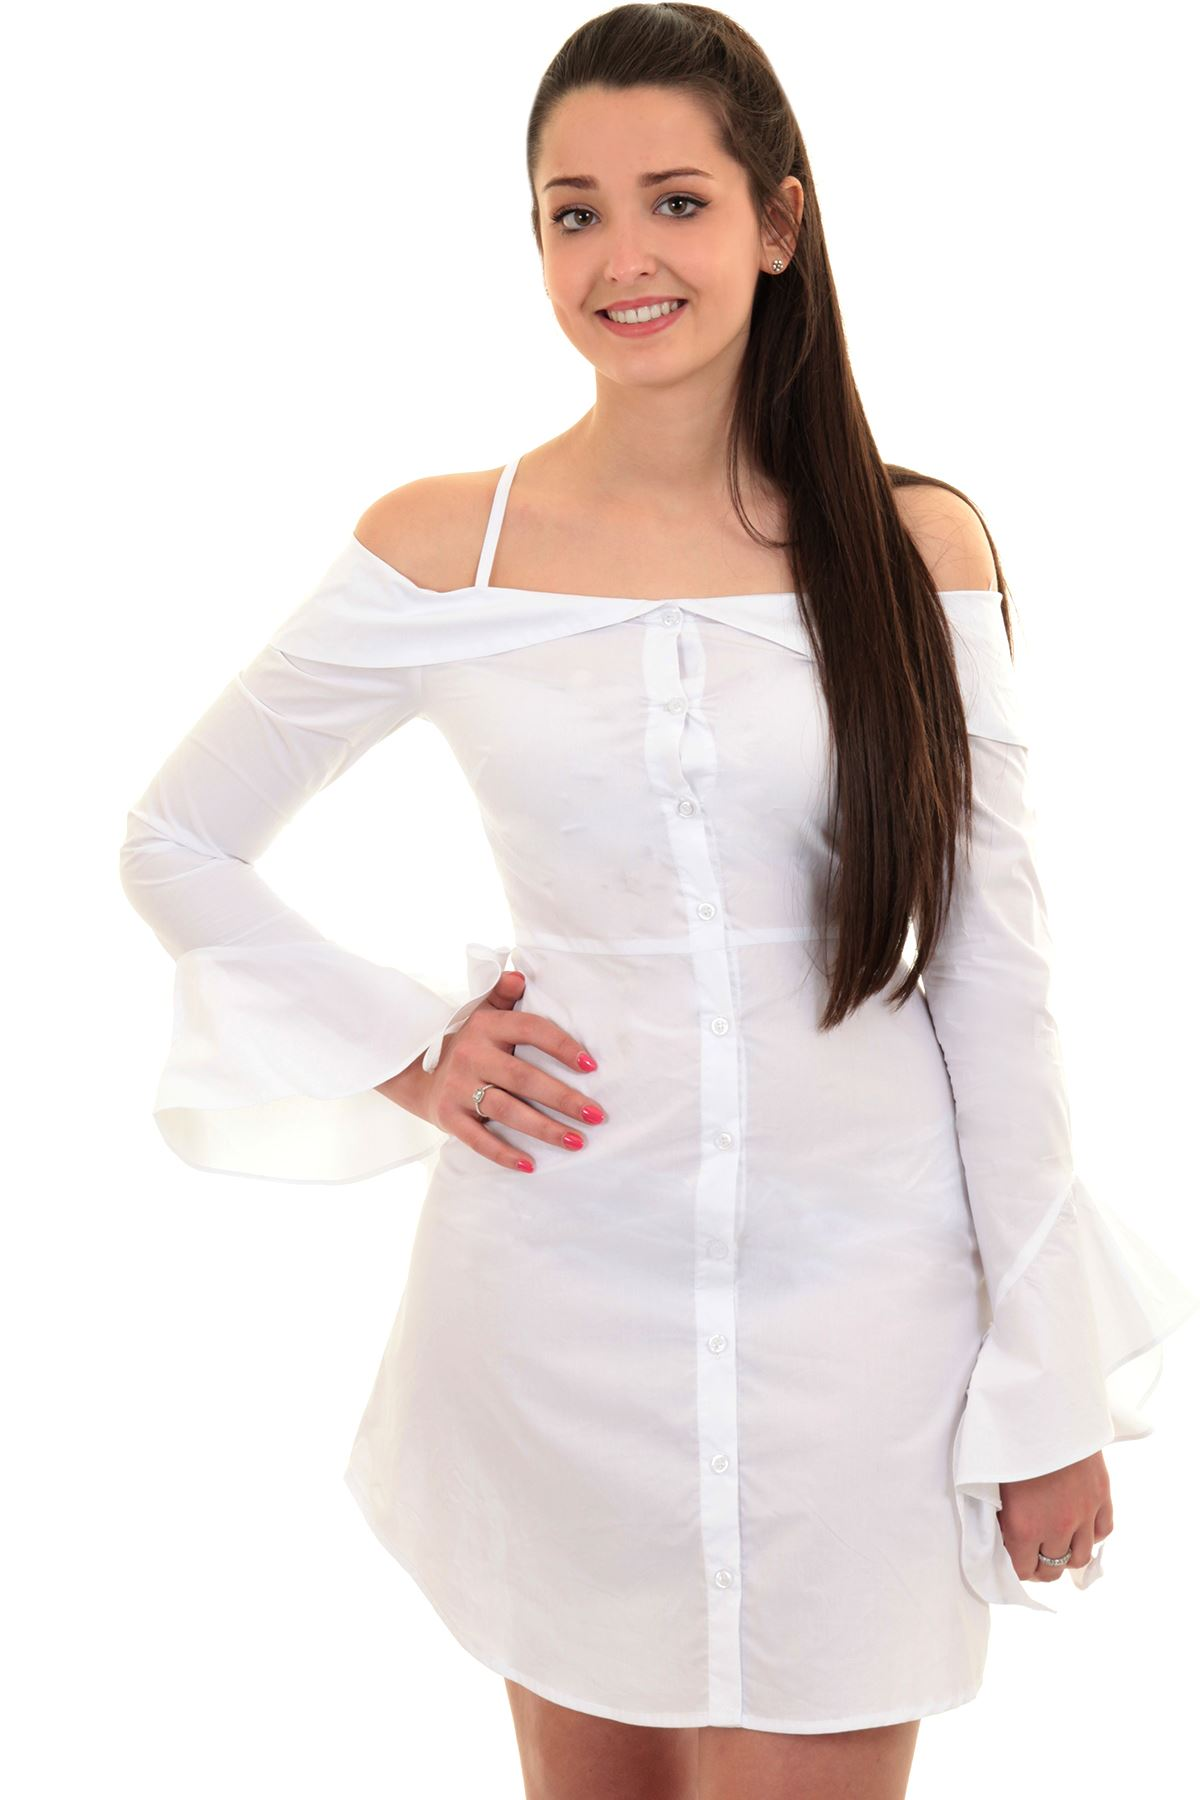 659c0d751bd97 Ladies Bardot Off Shoulder Ruffle Bell Sleeve Button Up Long Shirt Blouse  Dress